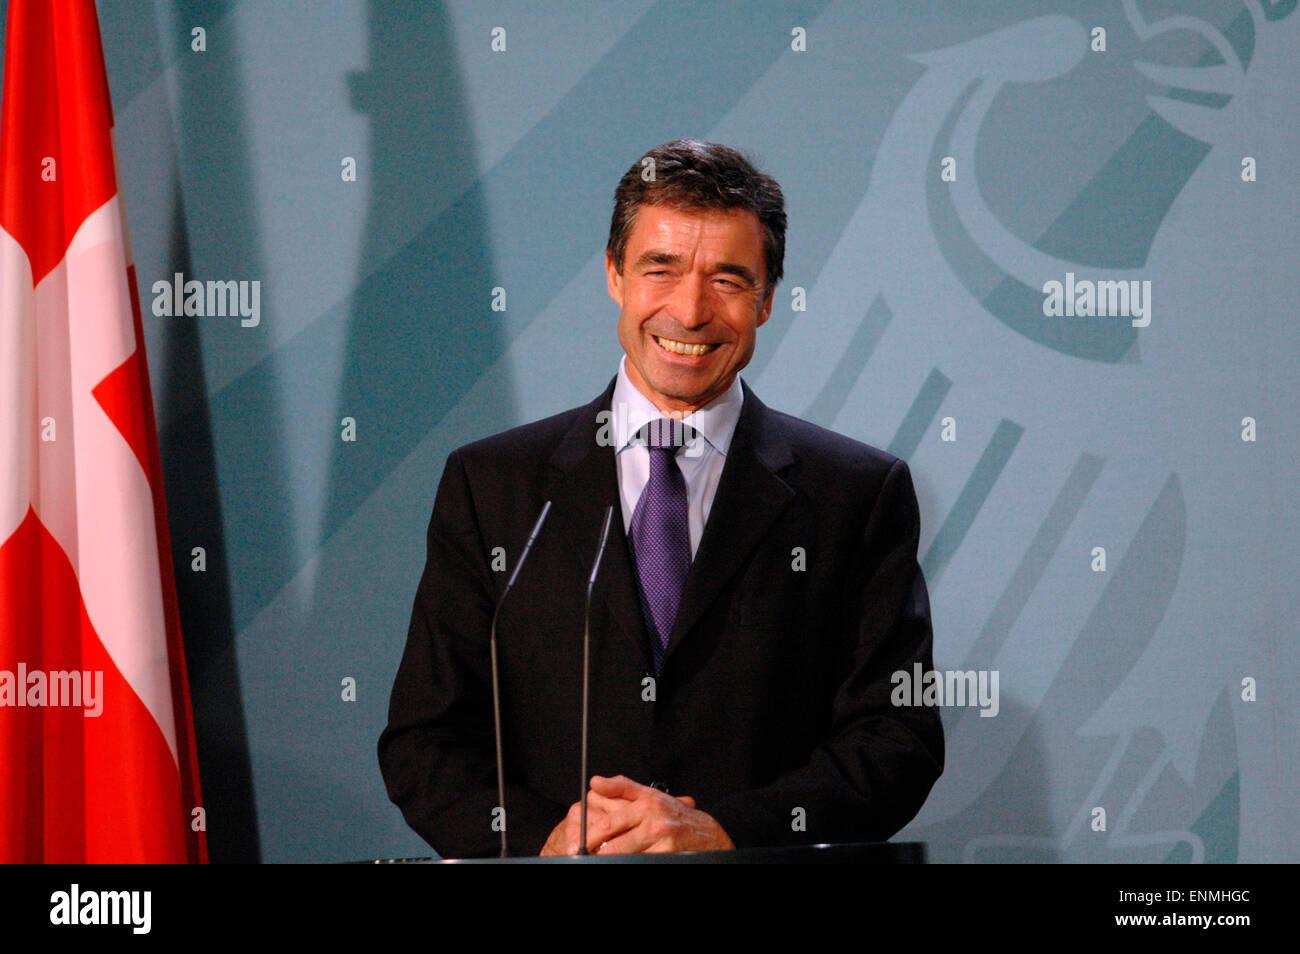 der daenische Ministerpraesident Anders Fogh Rasmussen - Presseunterrichtung vor Gespraech mit BKin Merkel im Bundeskanzleramt Stock Photo